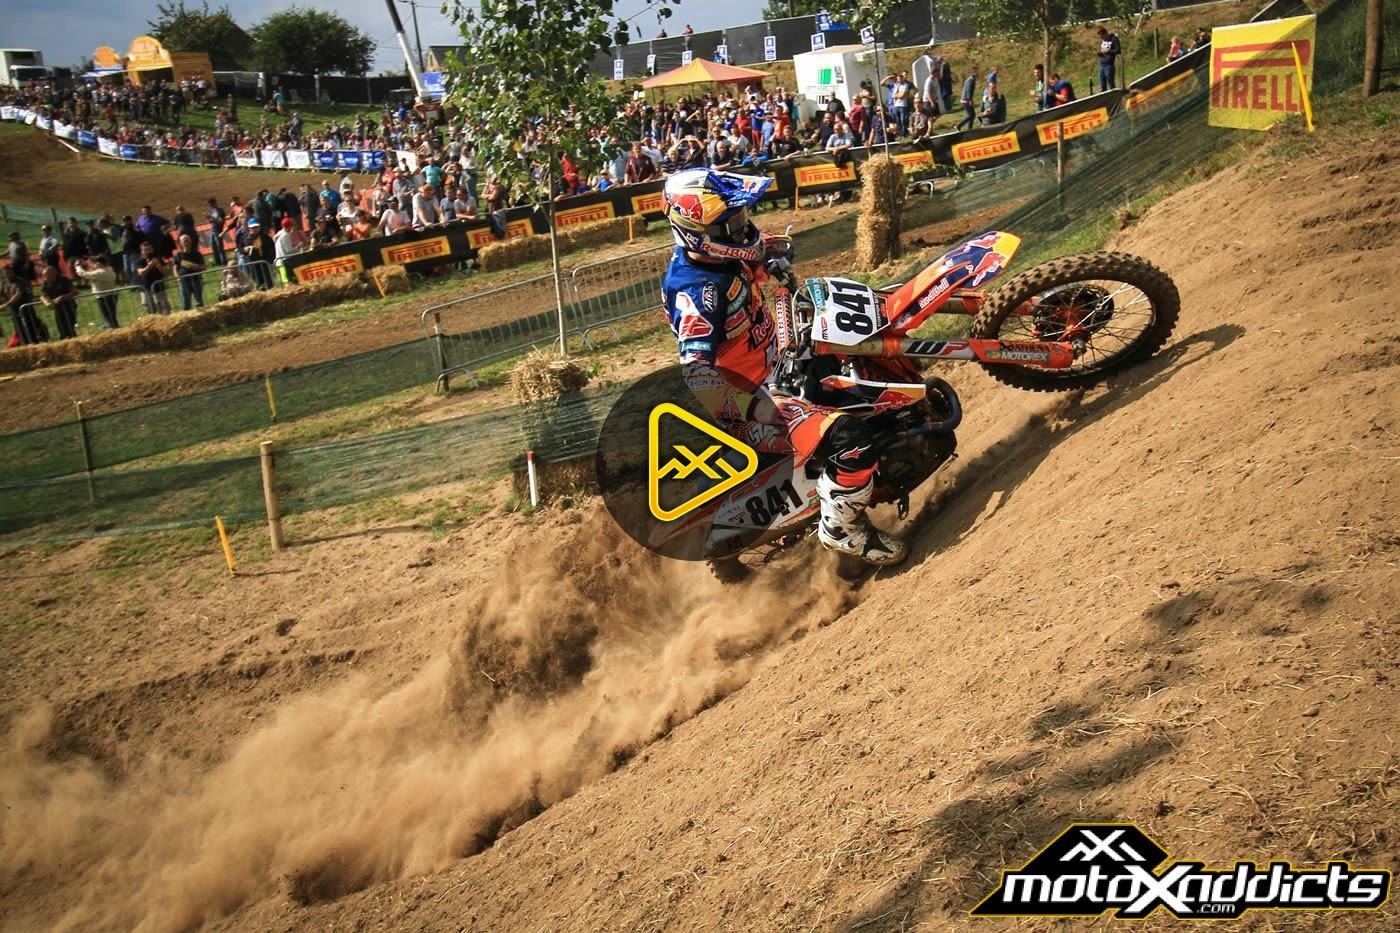 Jeffrey Herlings on a 450 in Belgium